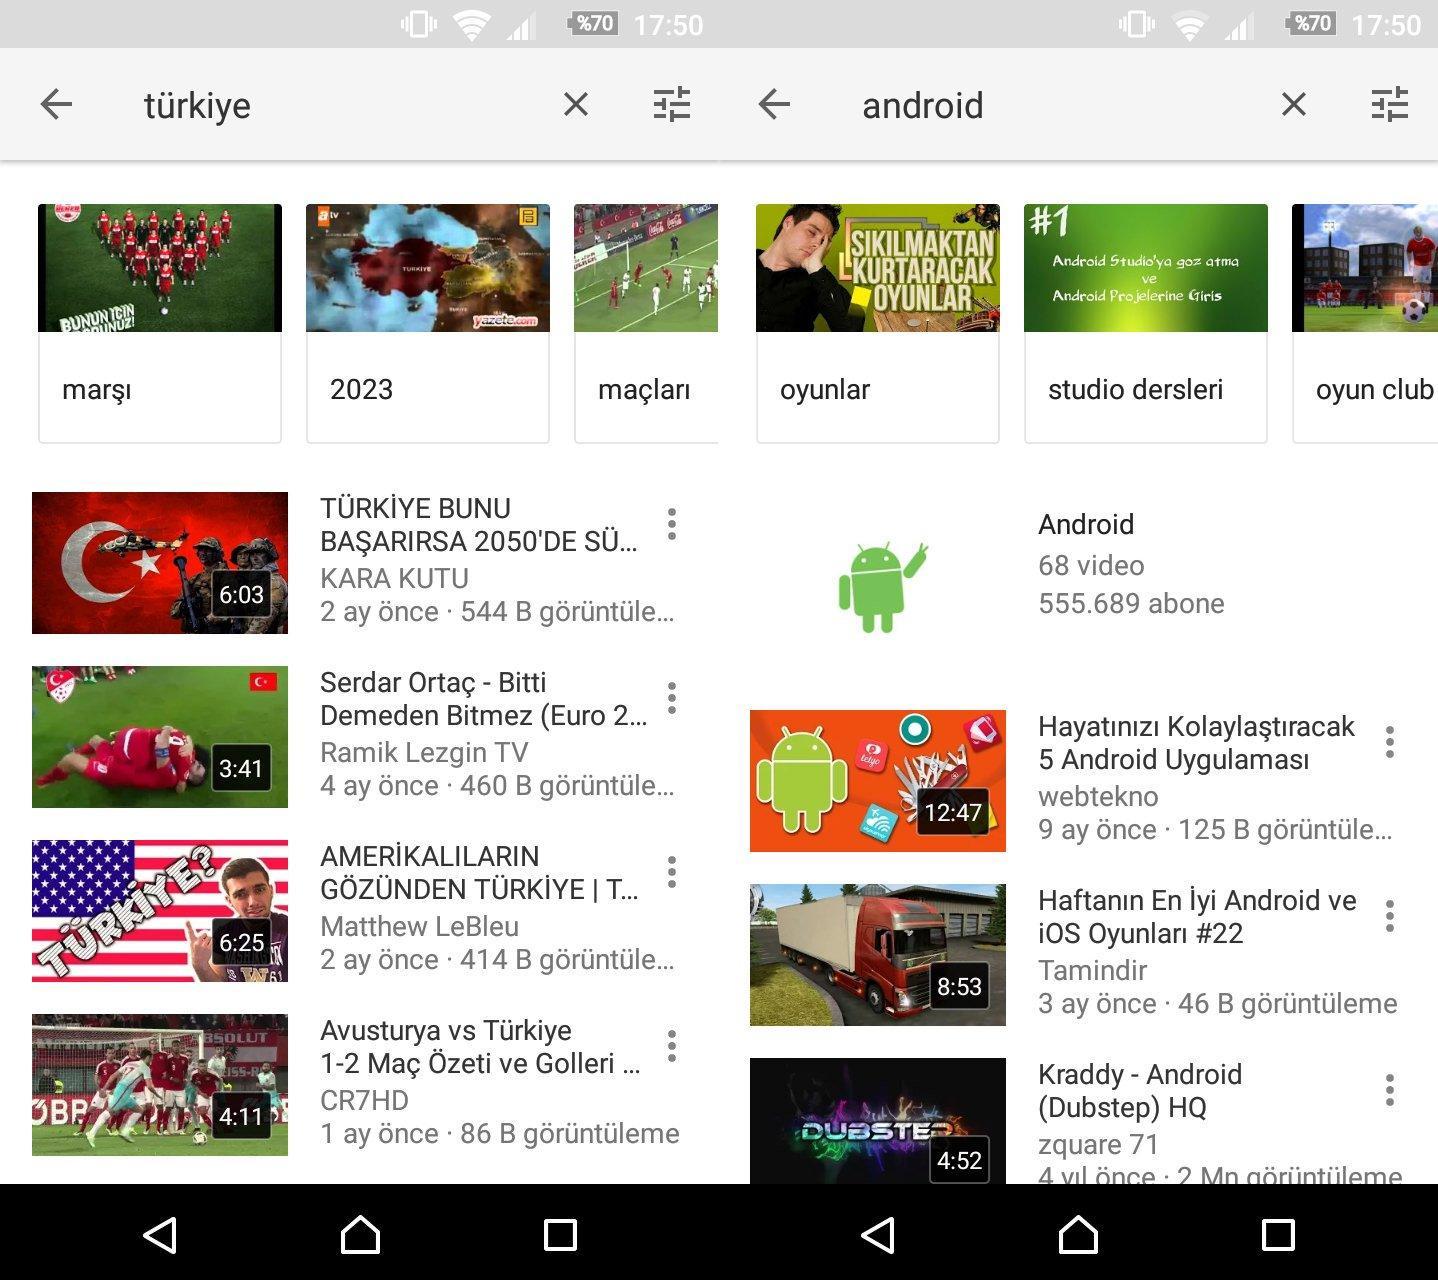 Youtube Uygulamasına Otomatik Oynat Özelliği Geldi, Otomatik Oynat